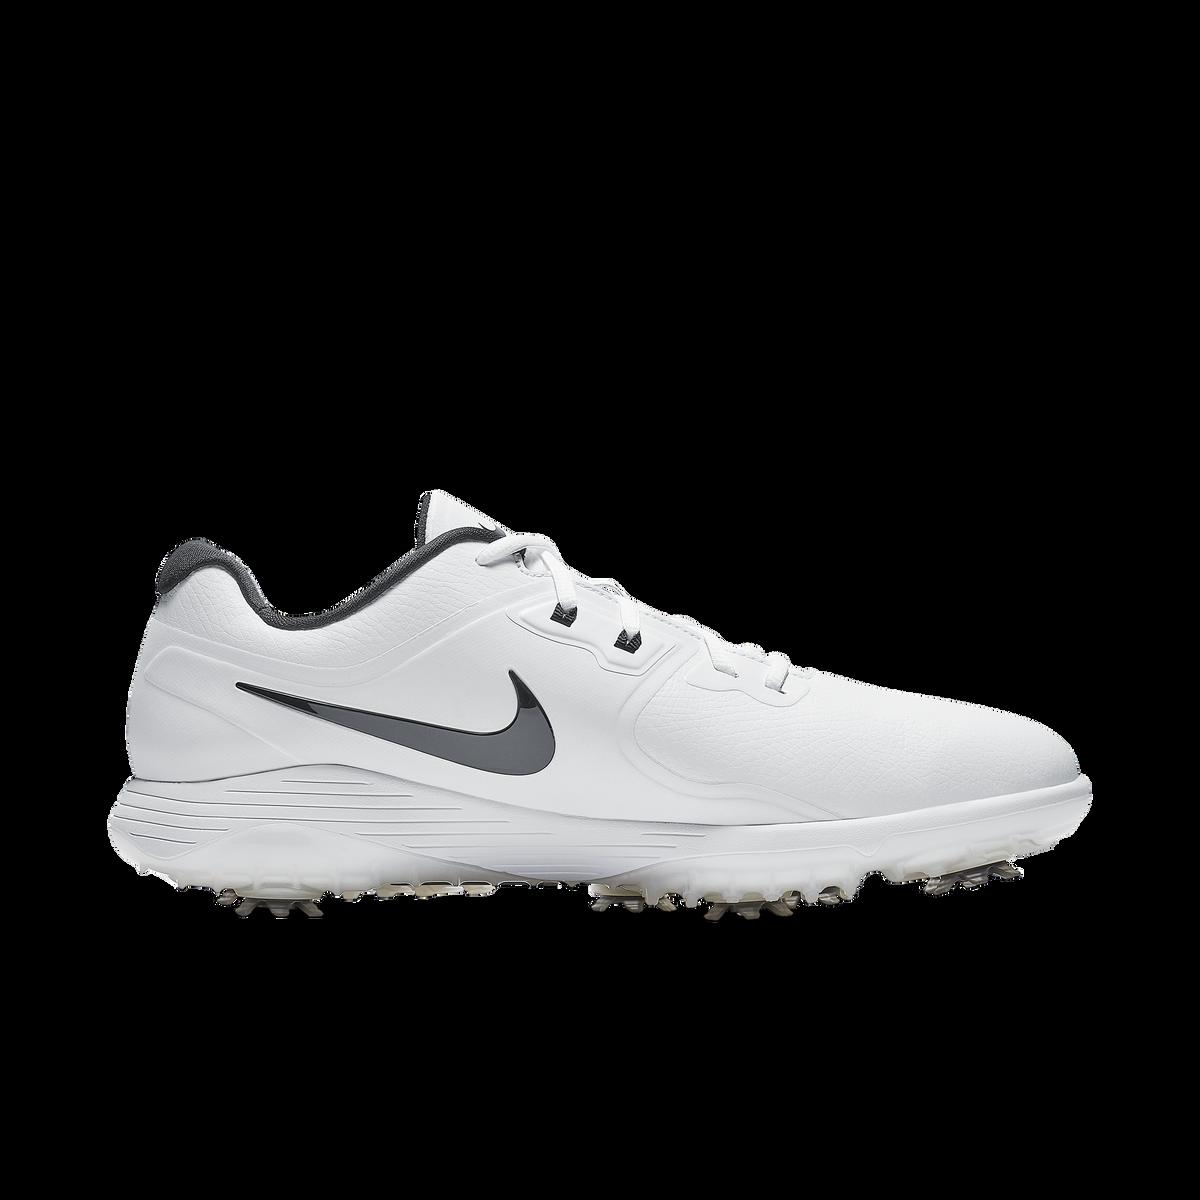 fa099cef6ae8 Nike Vapor Pro Men s Golf Shoe - White Black